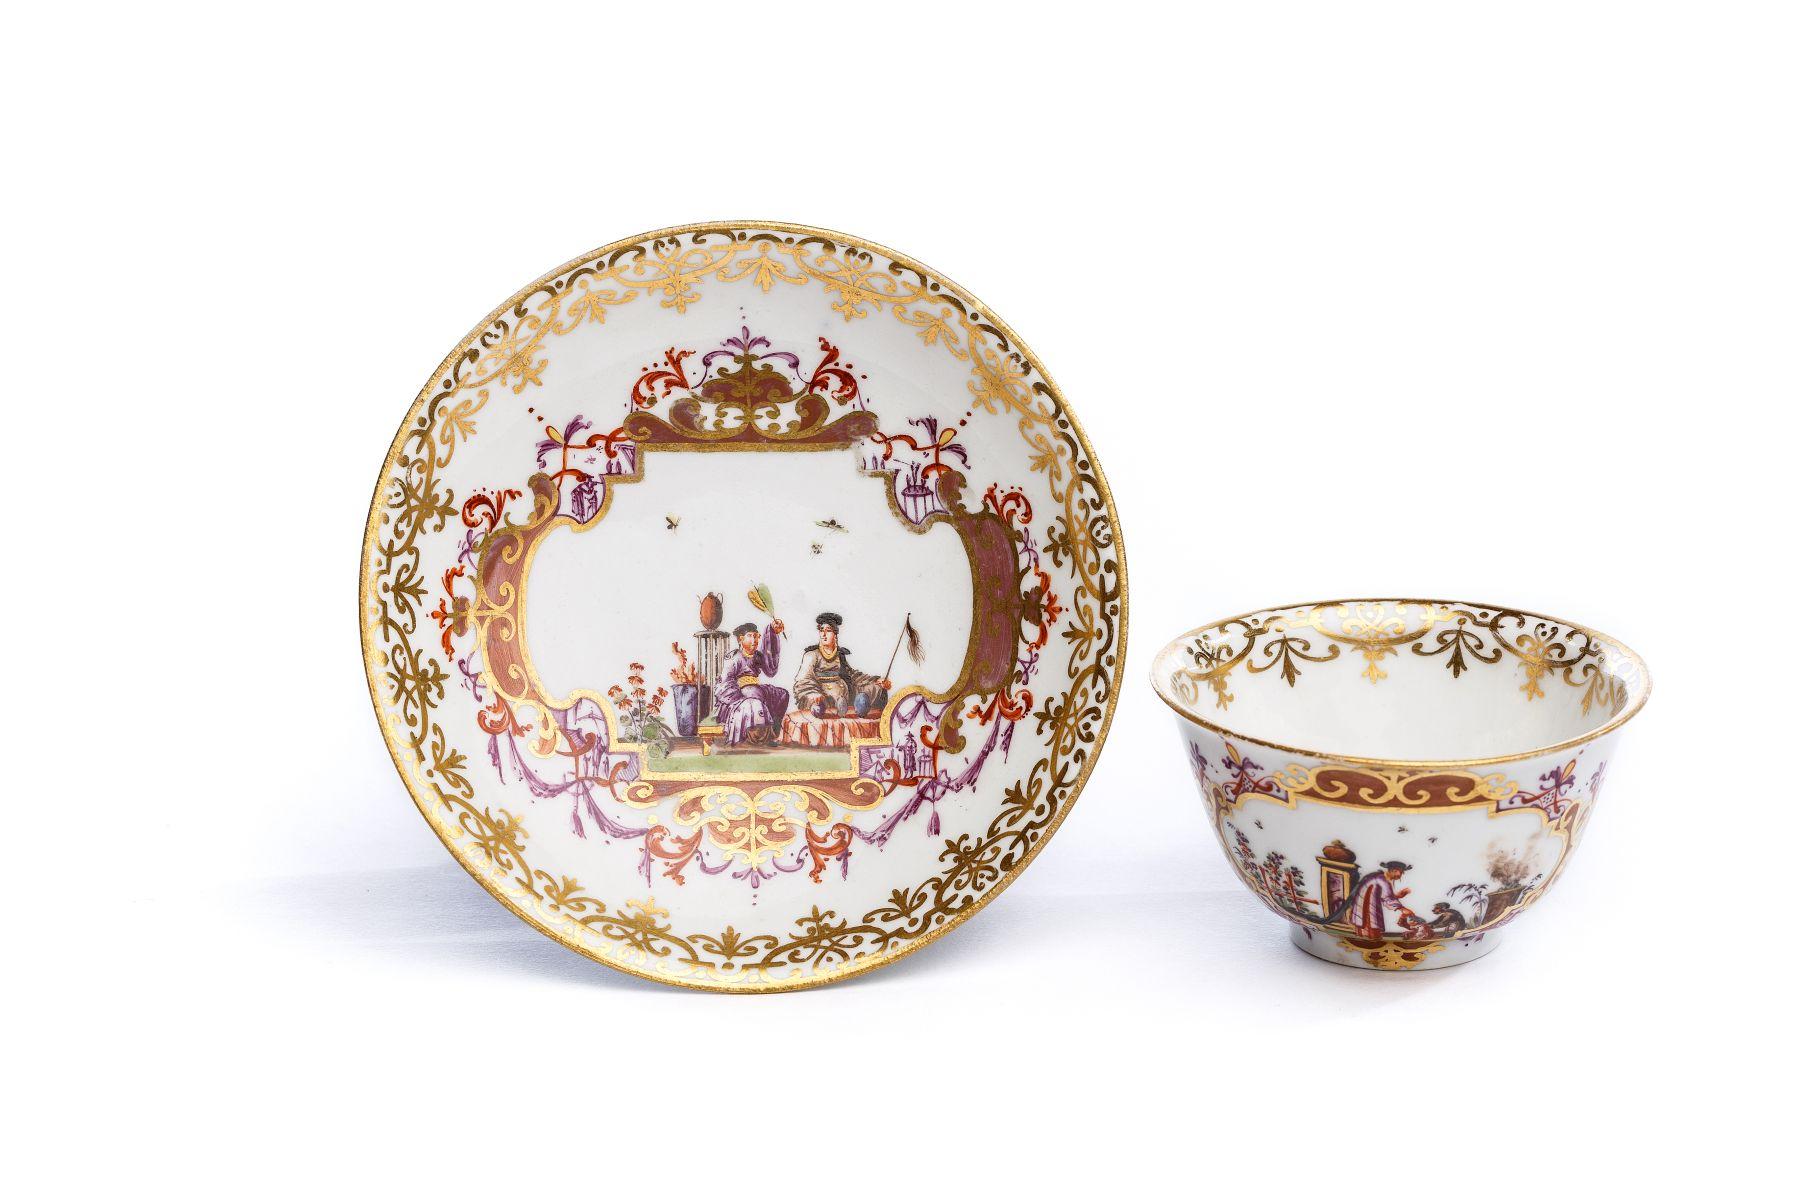 #38 Bowl with saucer, Meissen 1720/25 | Koppchen mit Unterschale, Meissen 1730 Image